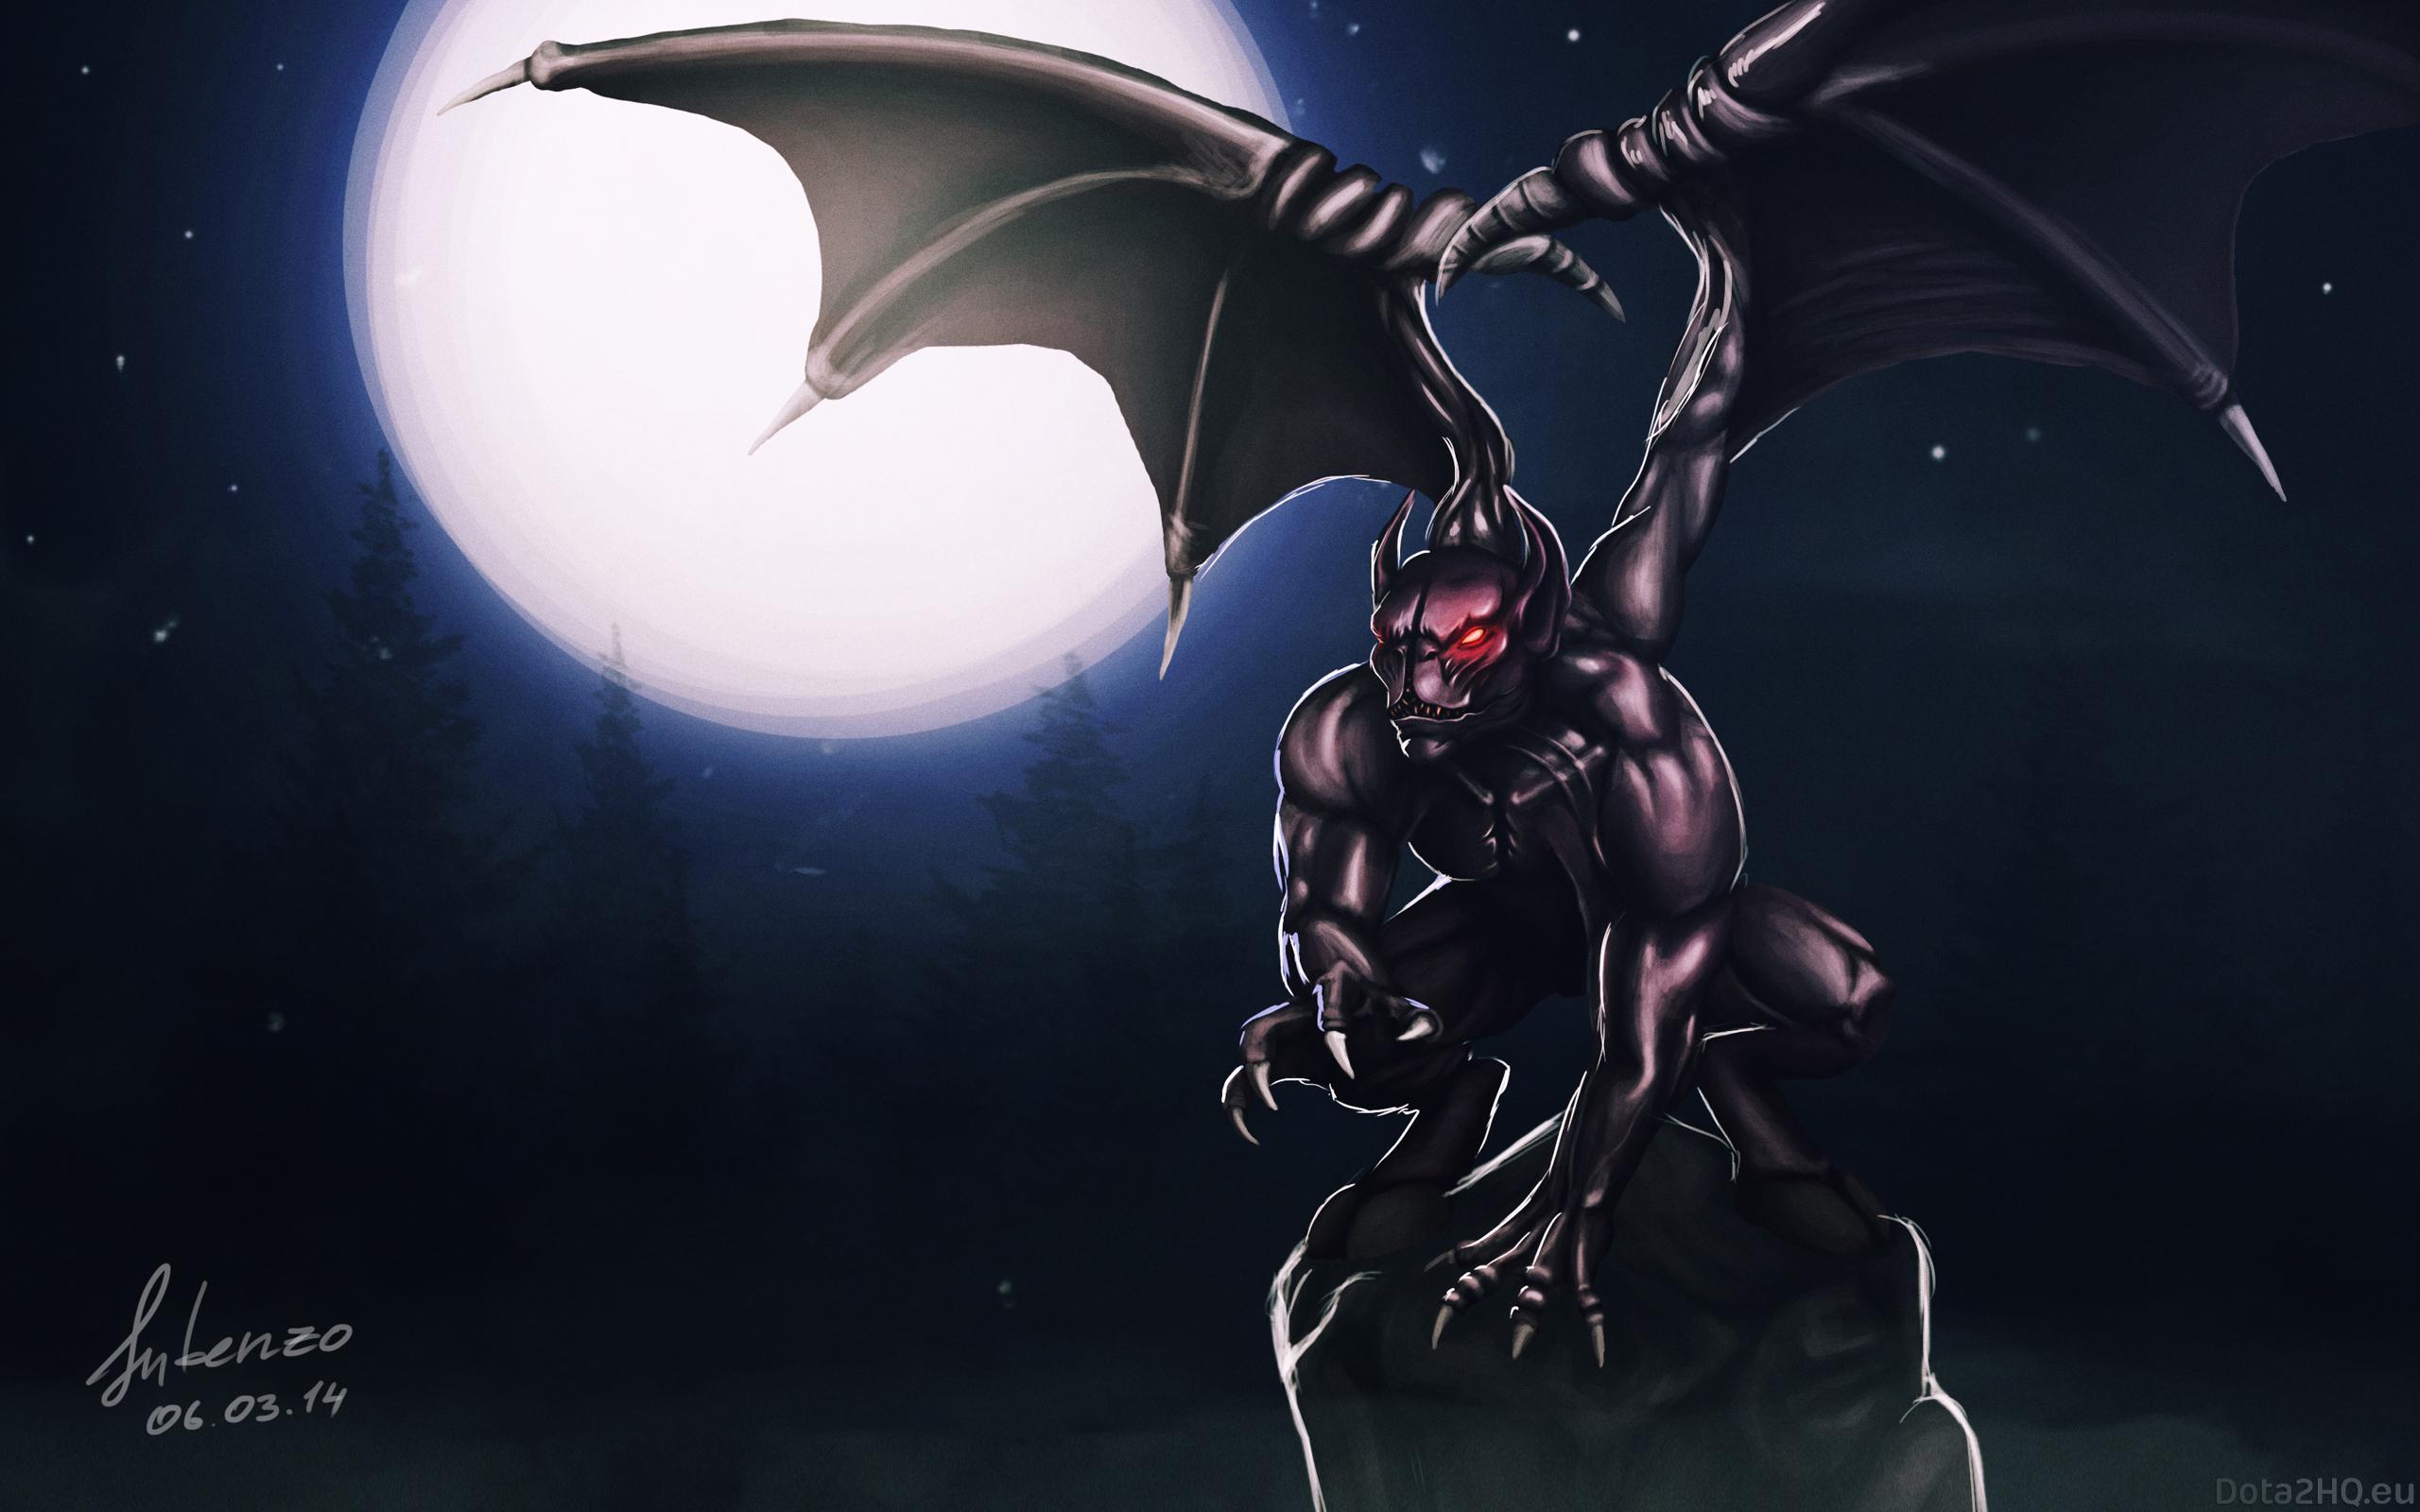 Wallpaper Illustration Anime Dota 2 Art Darkness